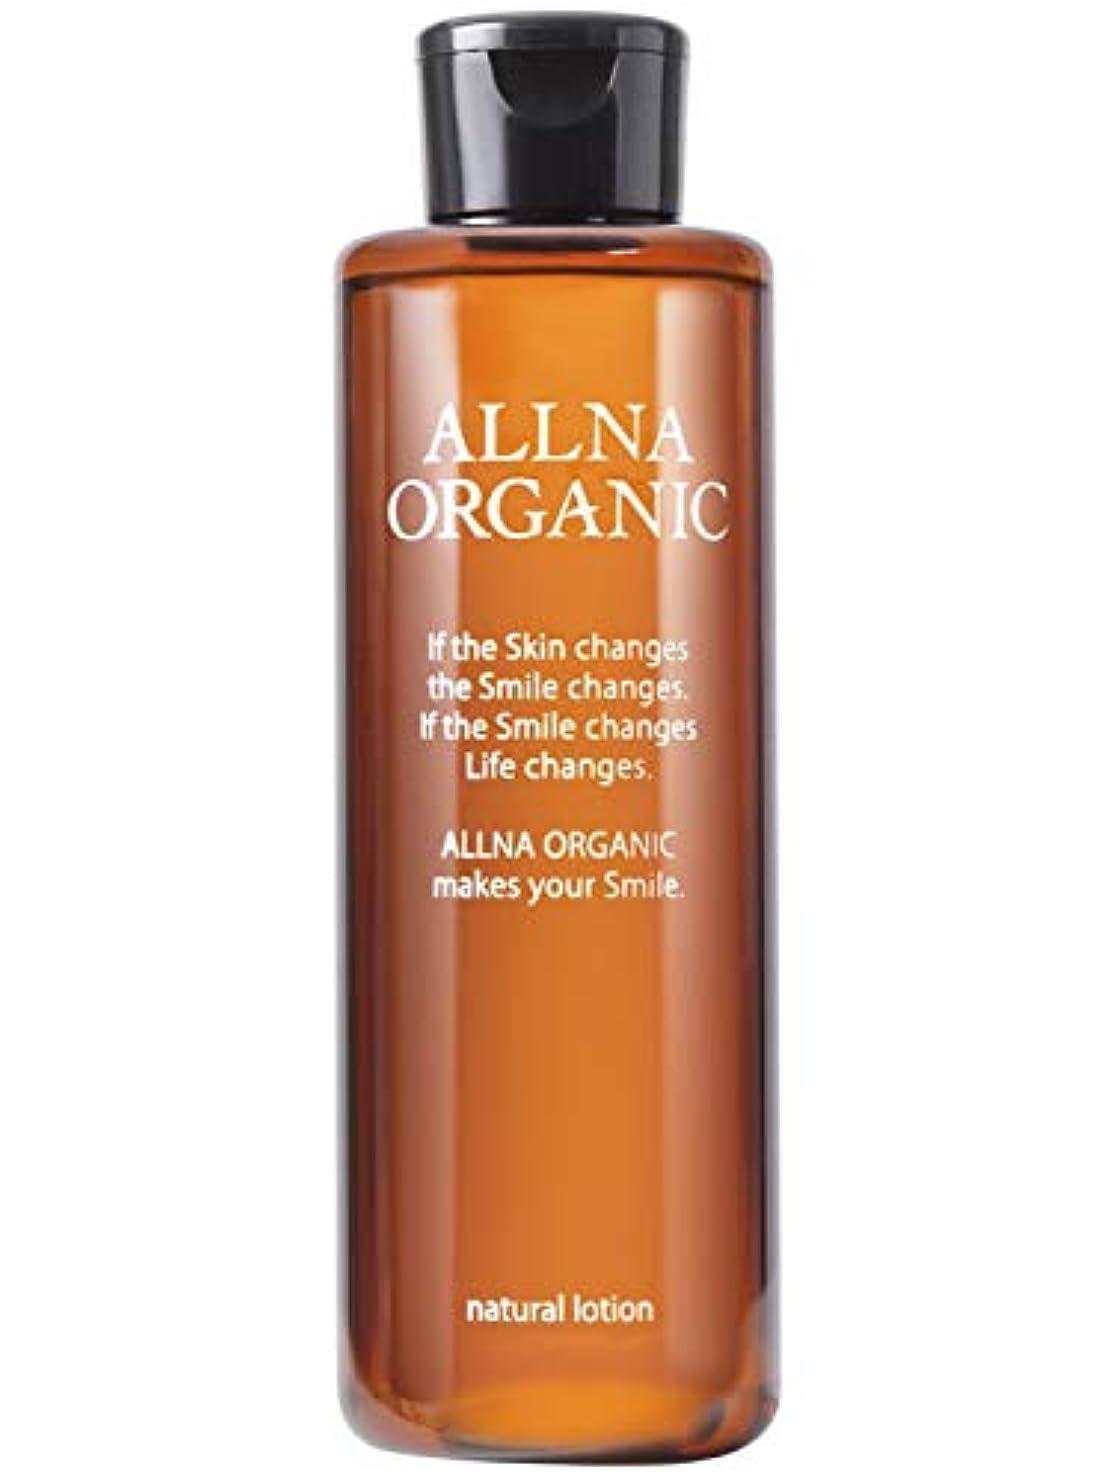 比較的反対にカバーオルナ オーガニック 化粧水 「 保湿 乾燥 かさつき 用」「 コラーゲン ビタミンC誘導体 ヒアルロン酸 セラミド 配合」200ml